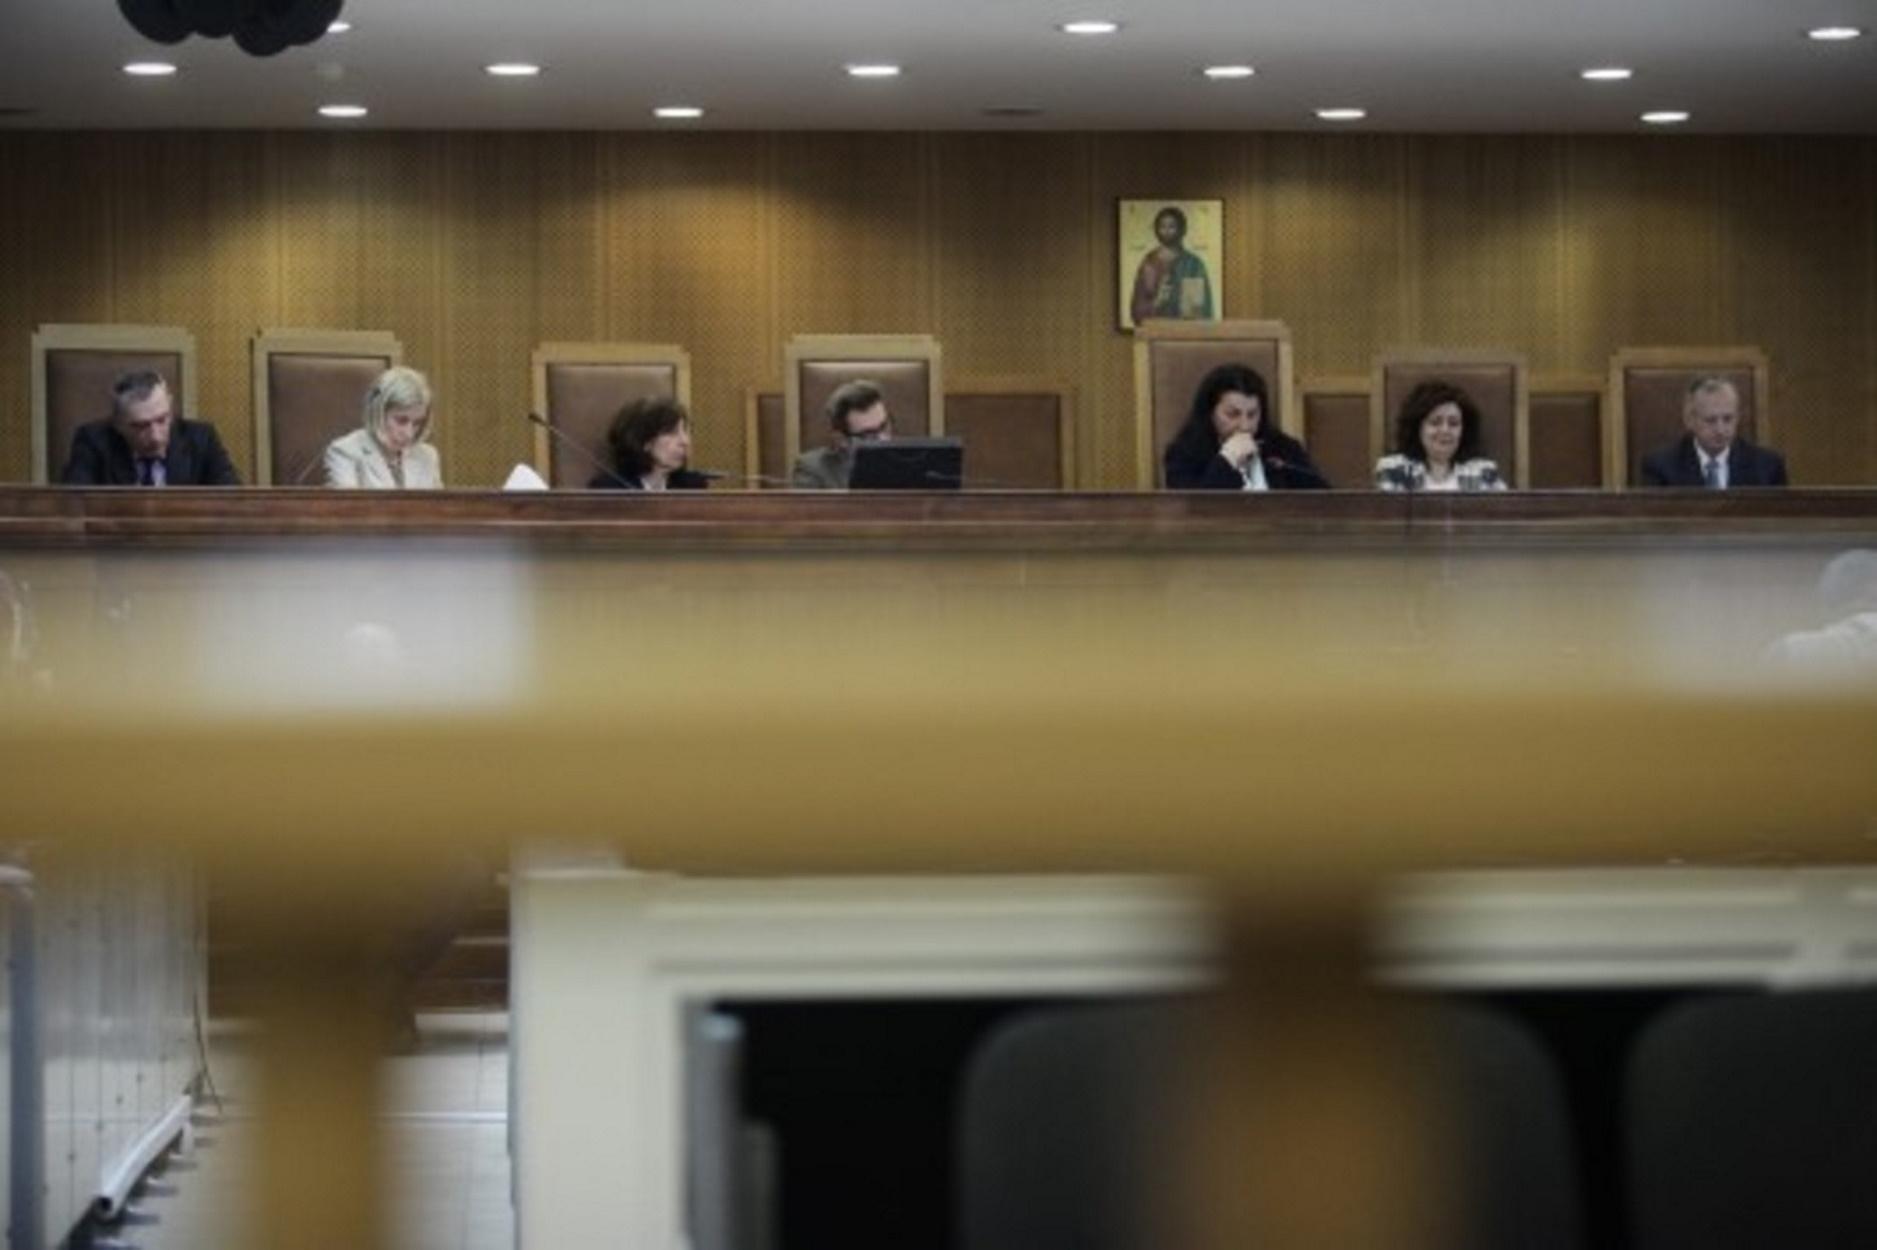 ΓΕΜΗ: Αντιδρούν έντονα οι δικηγόροι στην εγγραφή στο μητρώο εμπόρων